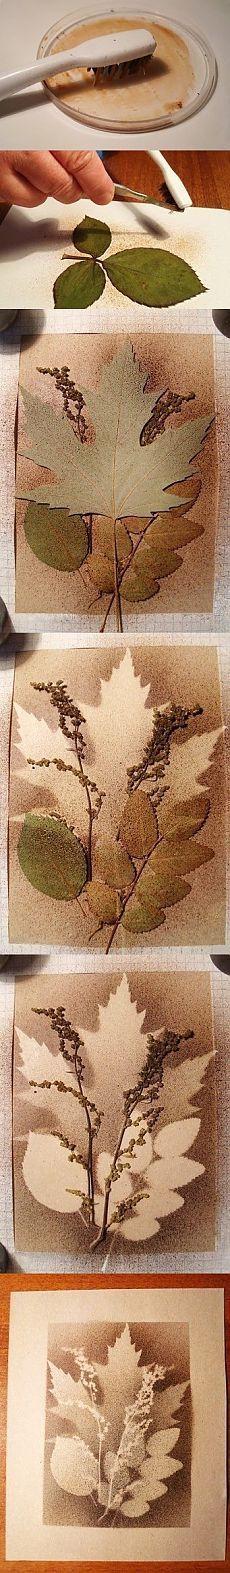 Картина из листьев   Мастер классы   рукоделие, декор, полимерная глина, плетение, вышивание